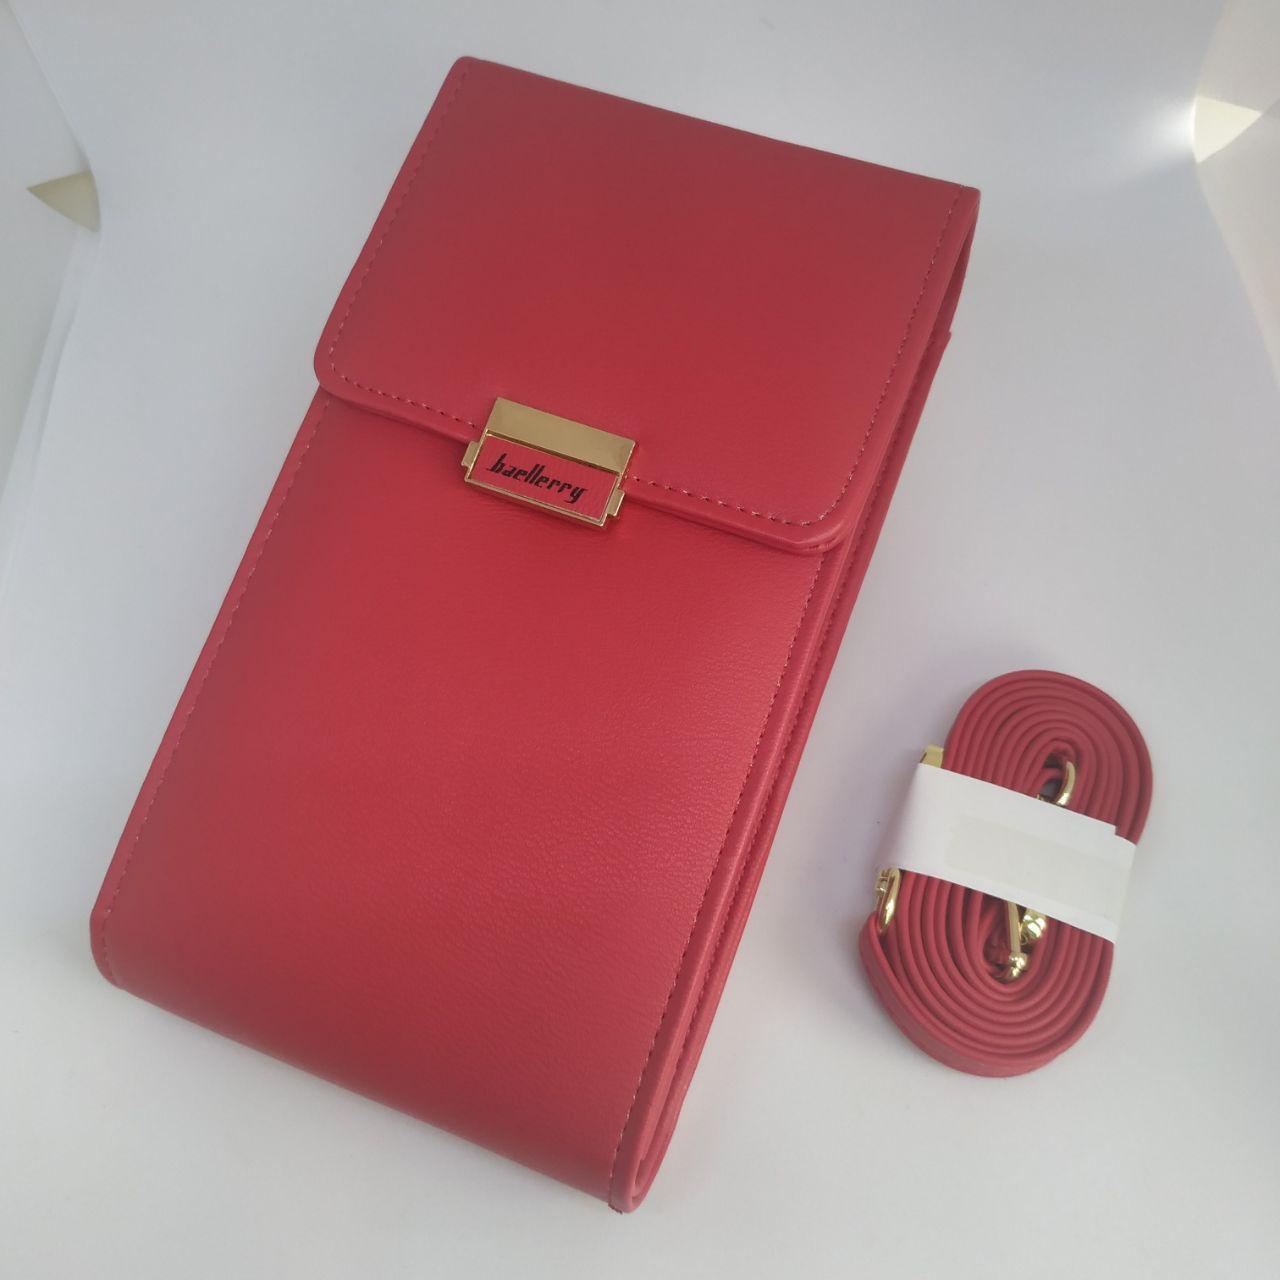 Женская сумочка для телефона Baellerry.  Красная